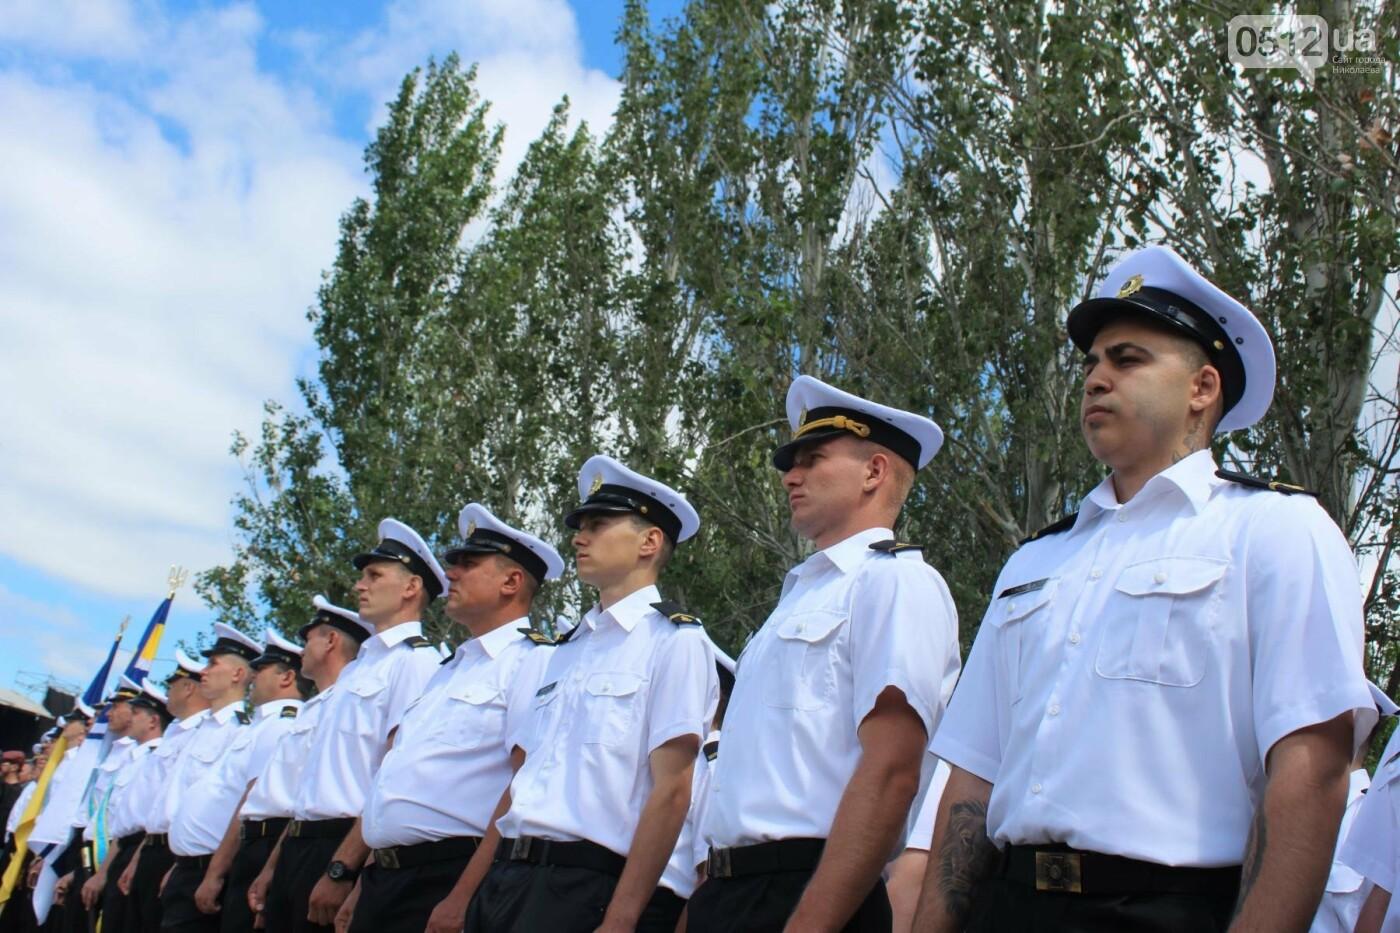 Полевая кухня, марш военных и выставка техники: как в Николаеве отмечали День ВМС Украины, фото-14